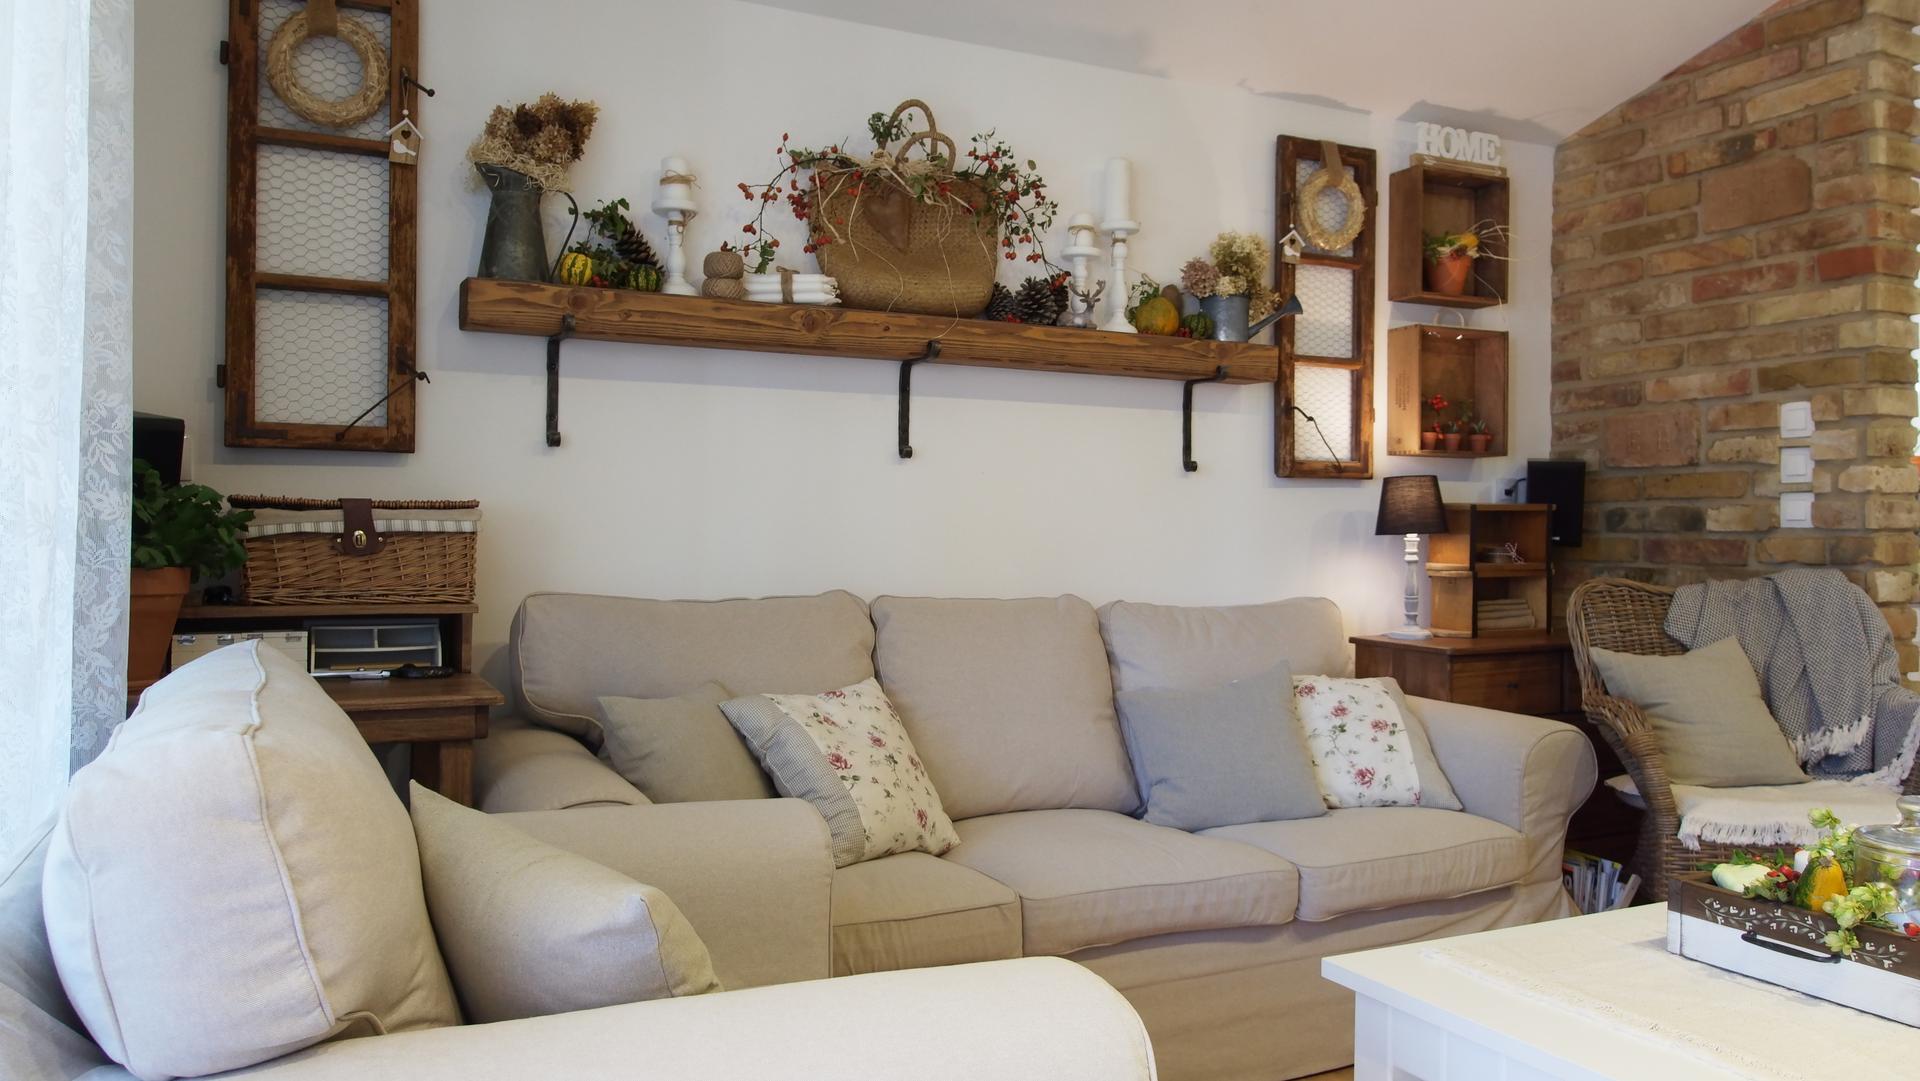 Náš domček ♡ Bramasole ♡ ... Stilo interiér aj exteriér 4. rok bývania - Obrázok č. 181